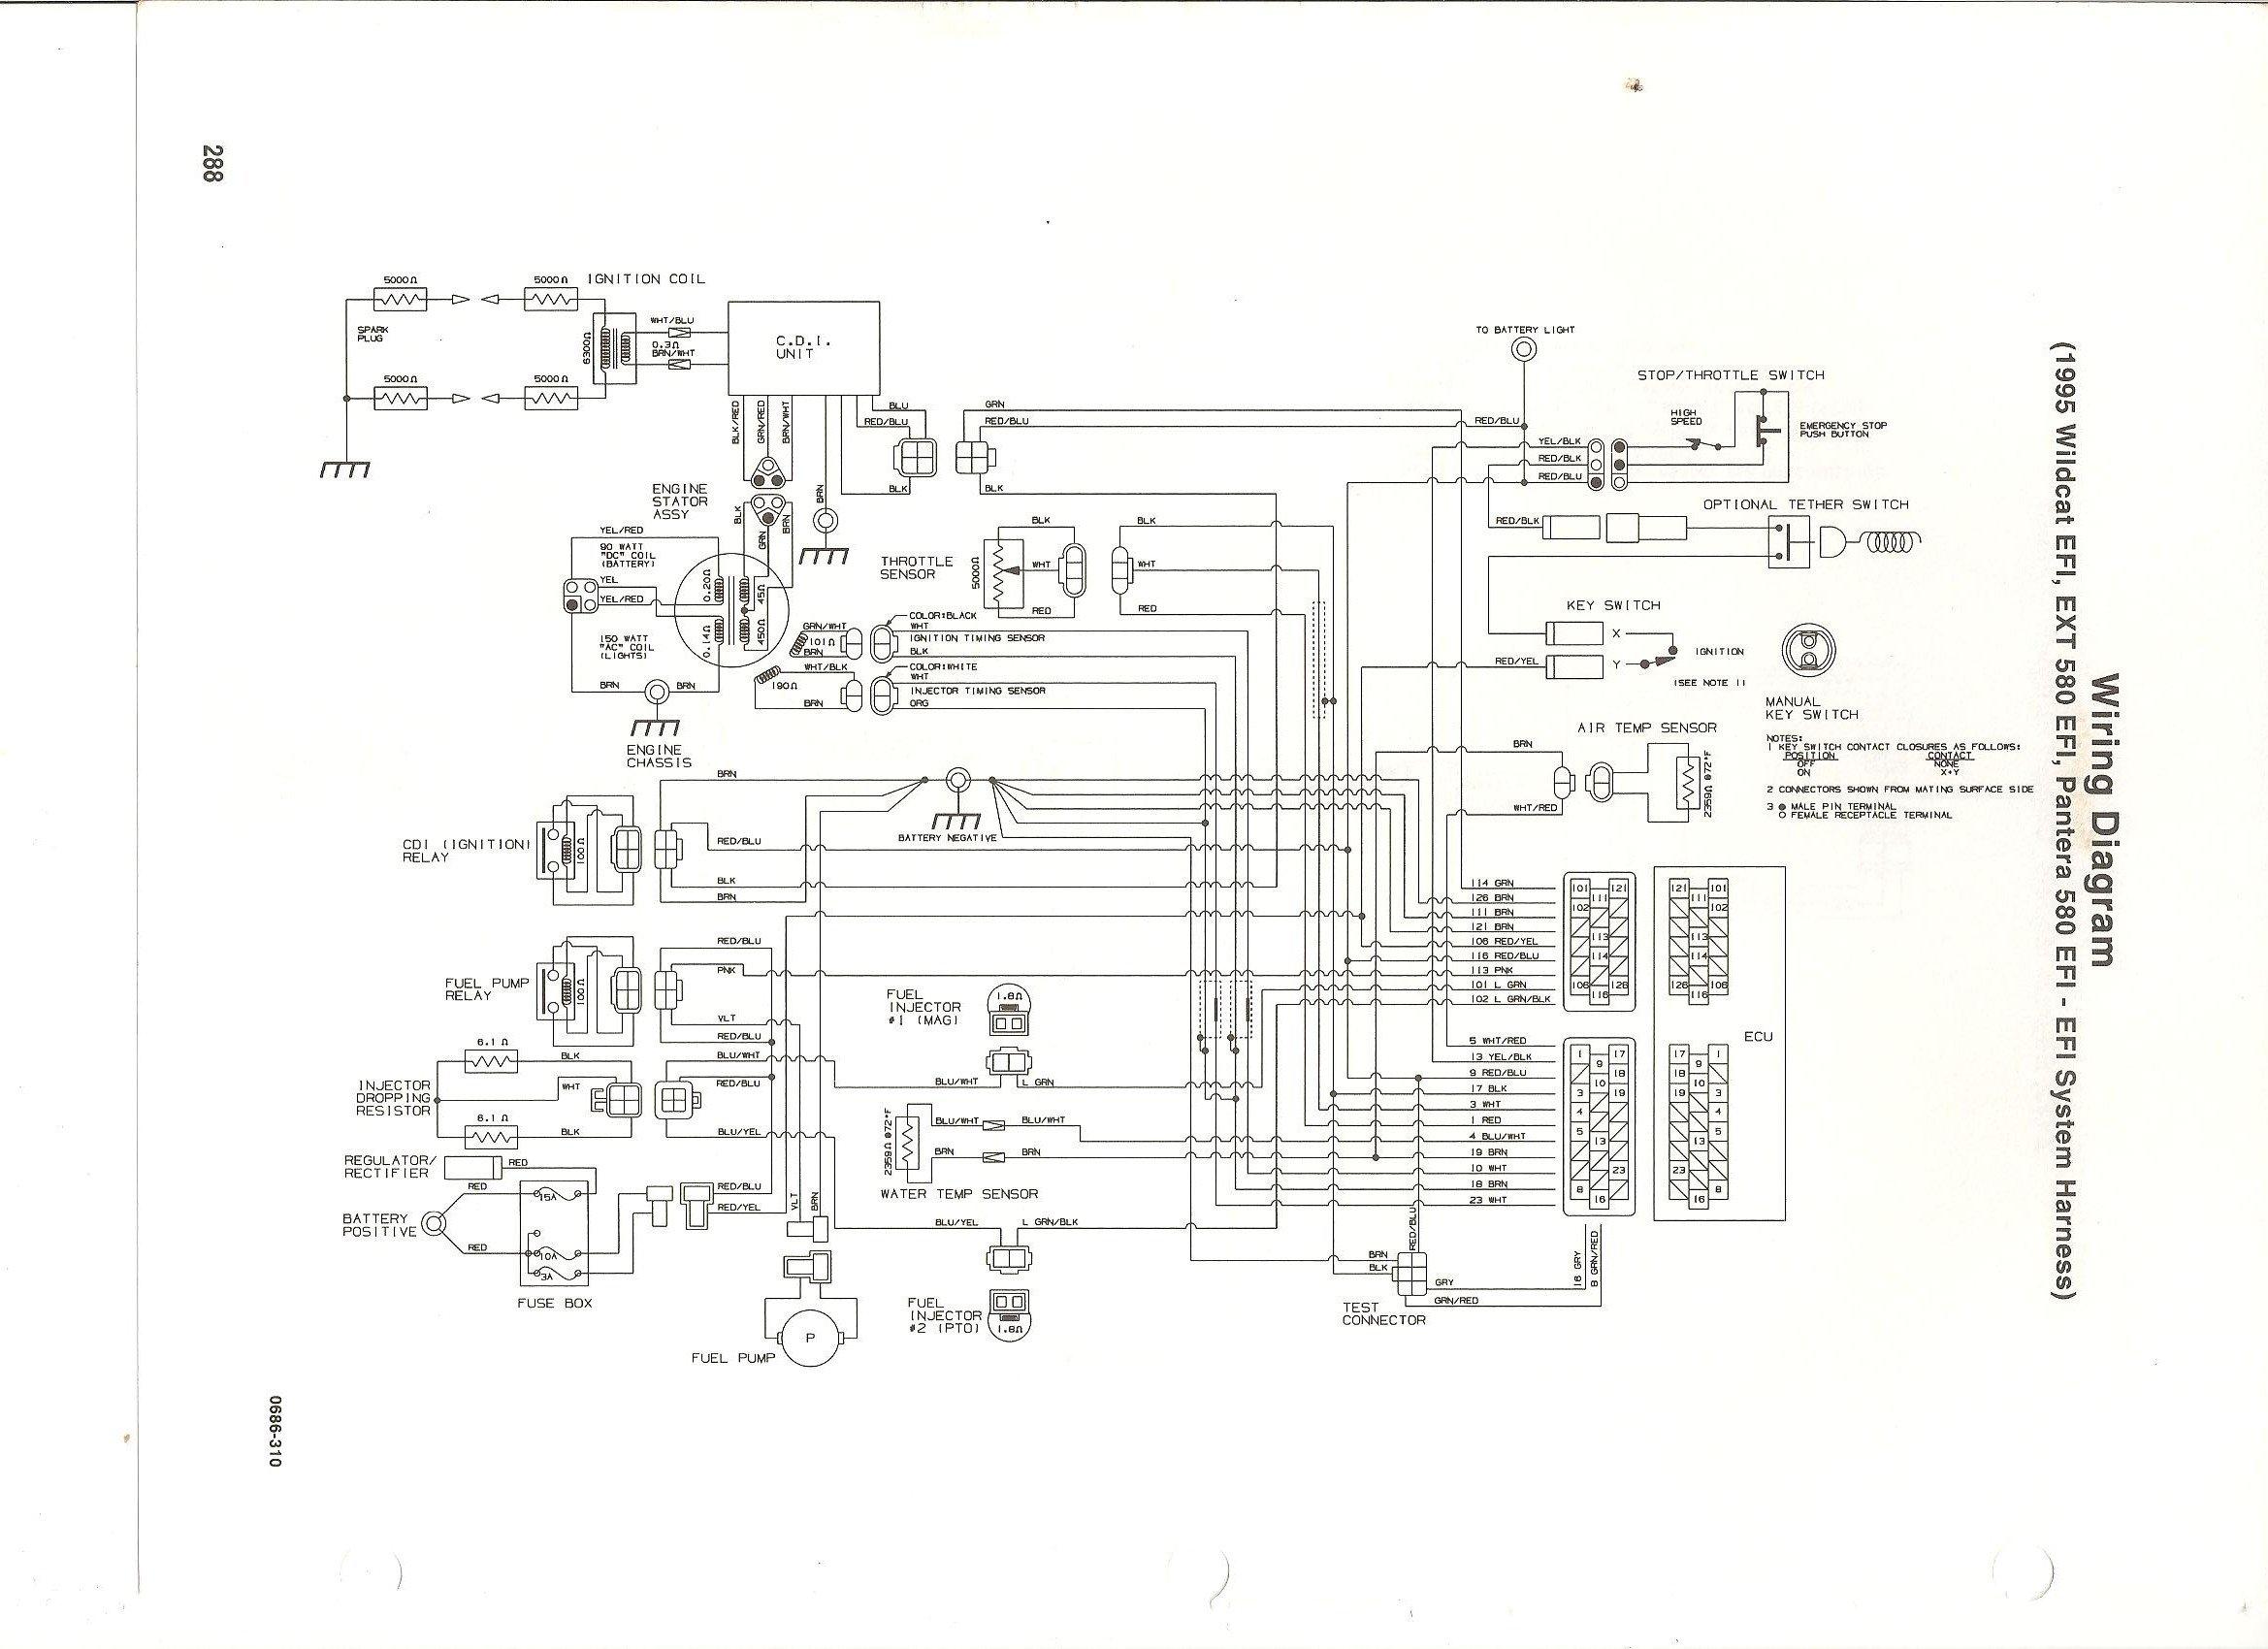 [ZSVE_7041]  94 EXT 580 electrical schematic | Arctic Cat Forum | Arctic Cat 580 Wiring Diagram |  | Arctic Cat Forum